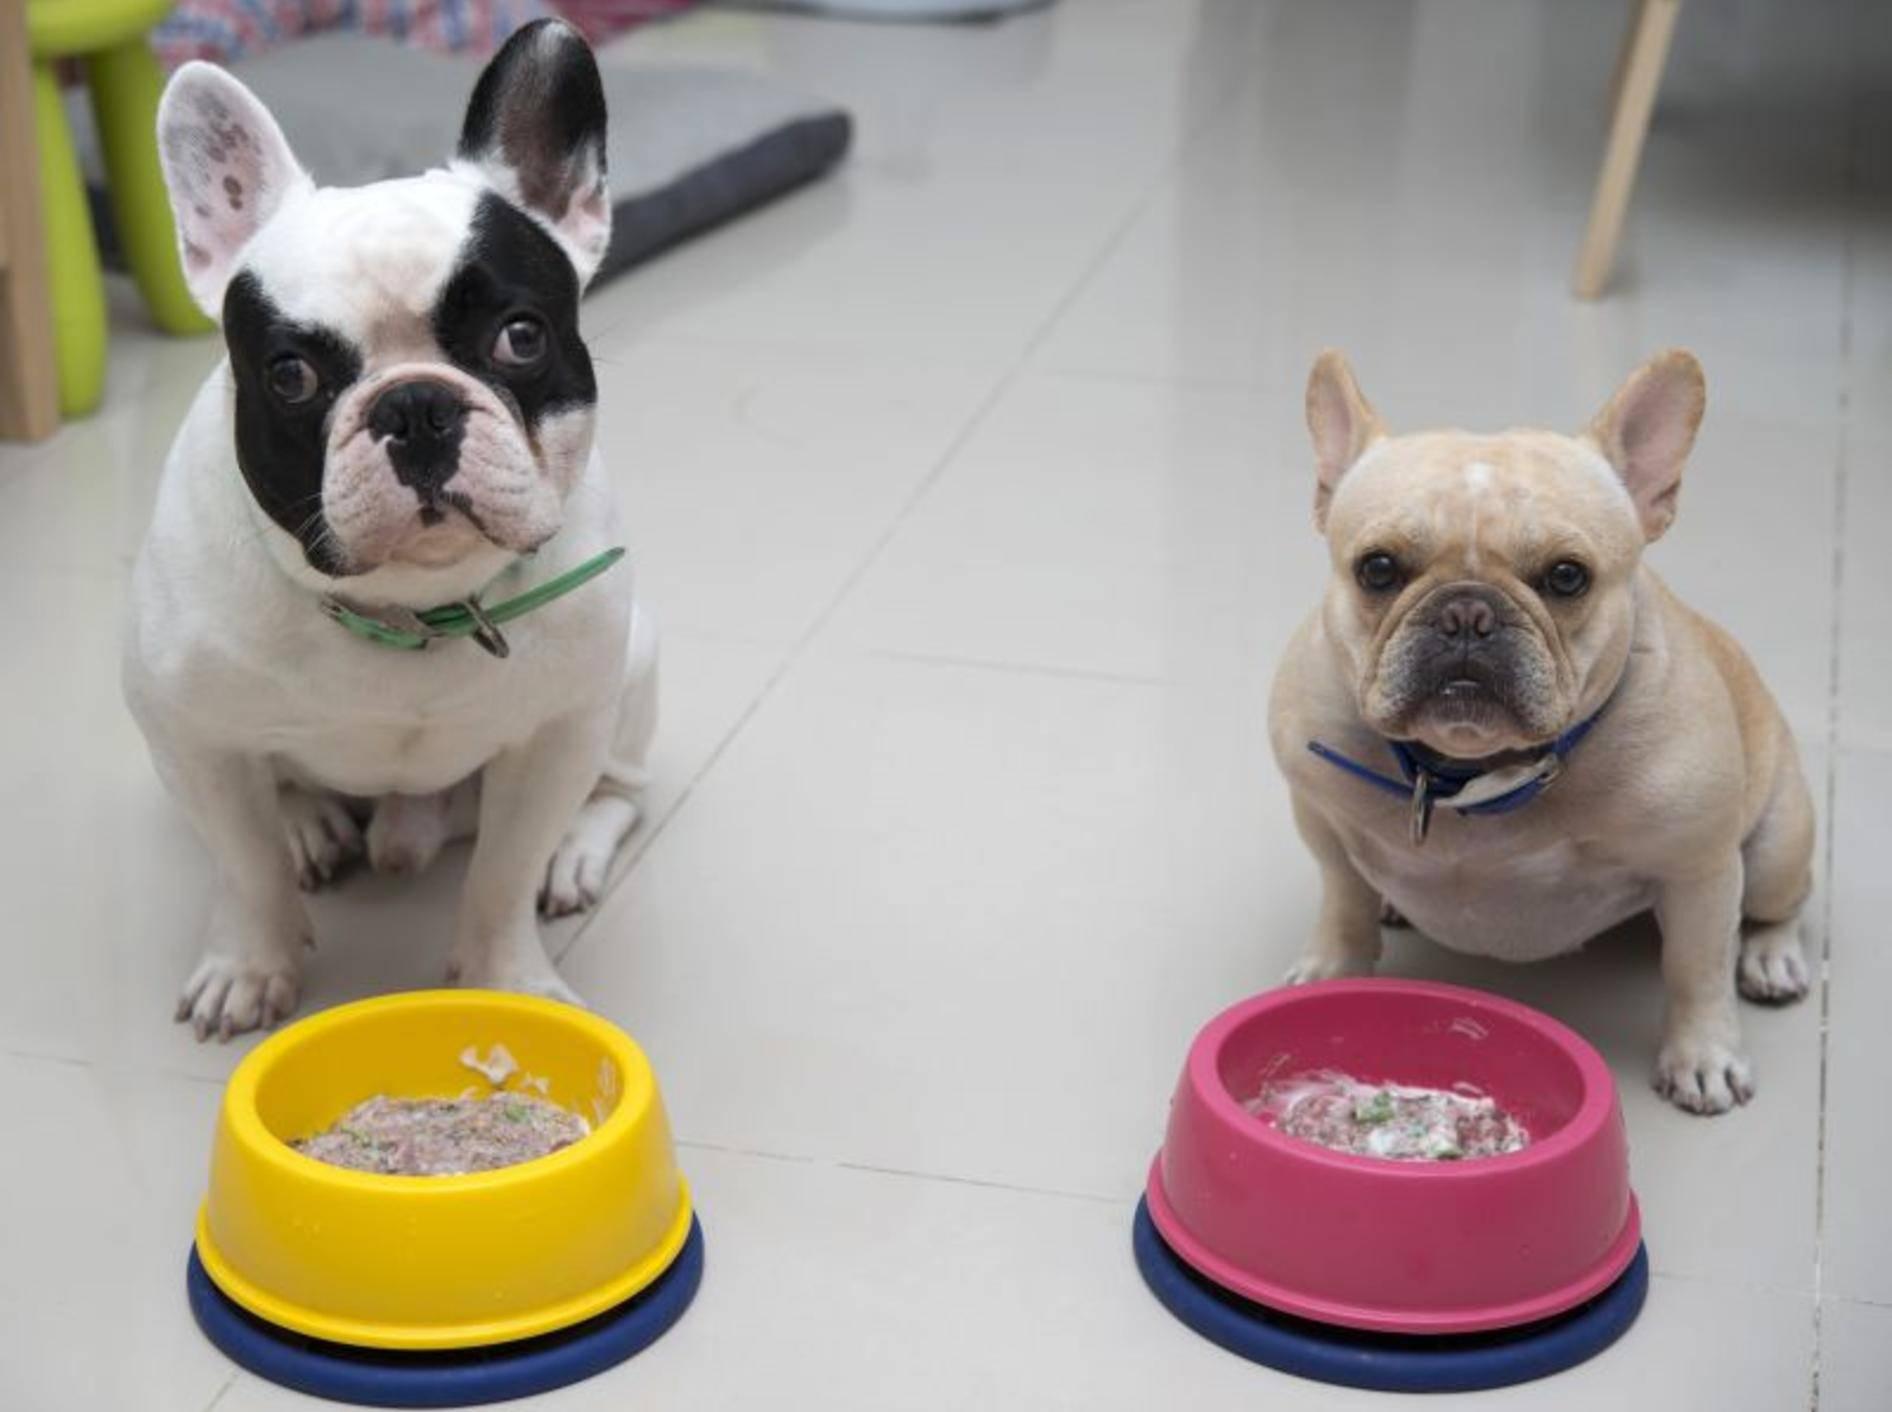 Diätfutter oder reduzierte Futtermenge hilft bei Übergewicht – Bild: Shutterstock / Kittibowornphatnon